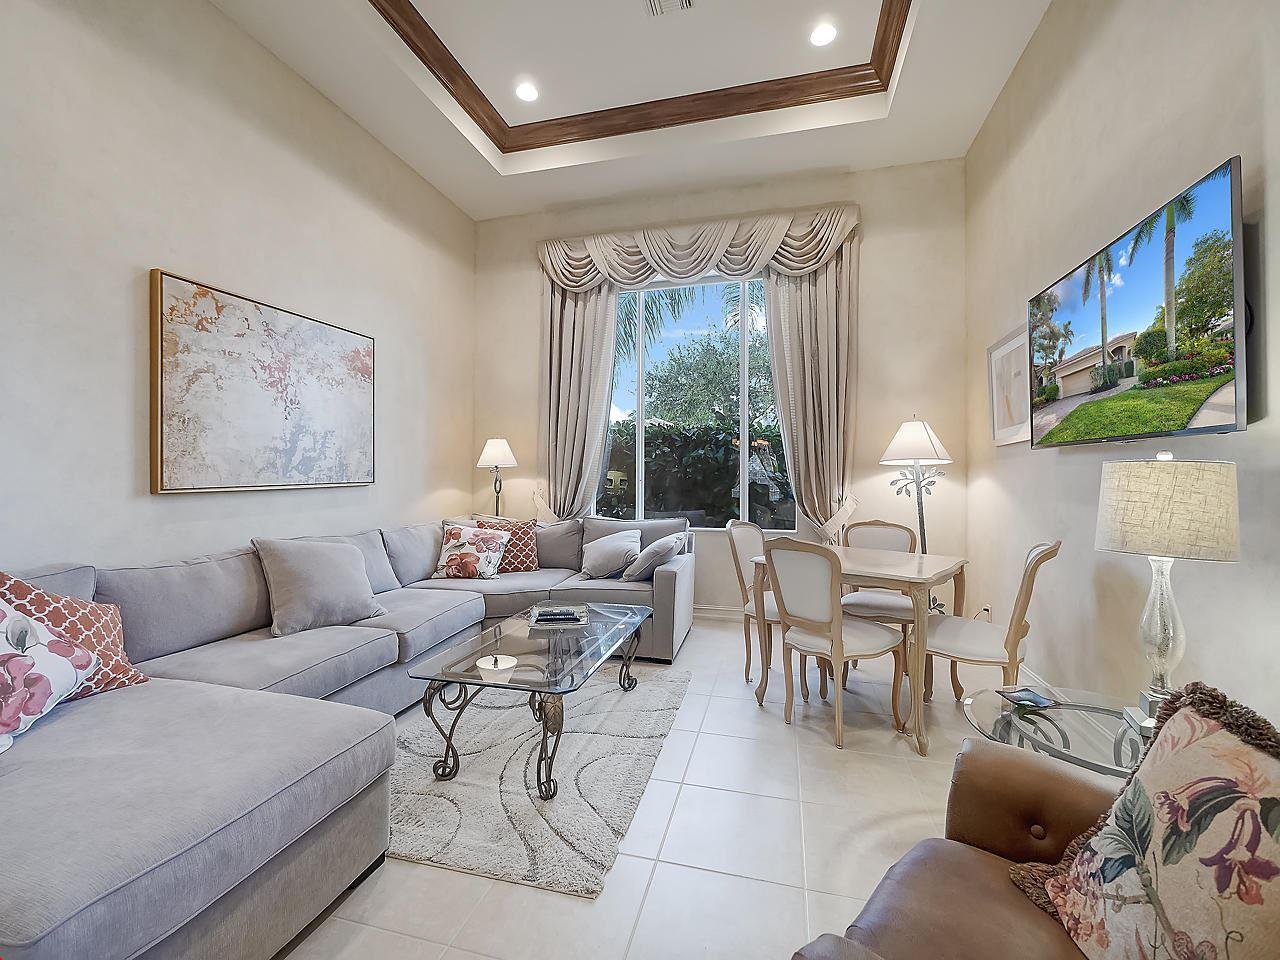 Photo of 61 Laguna Drive, Palm Beach Gardens, FL 33418 (MLS # RX-10682209)